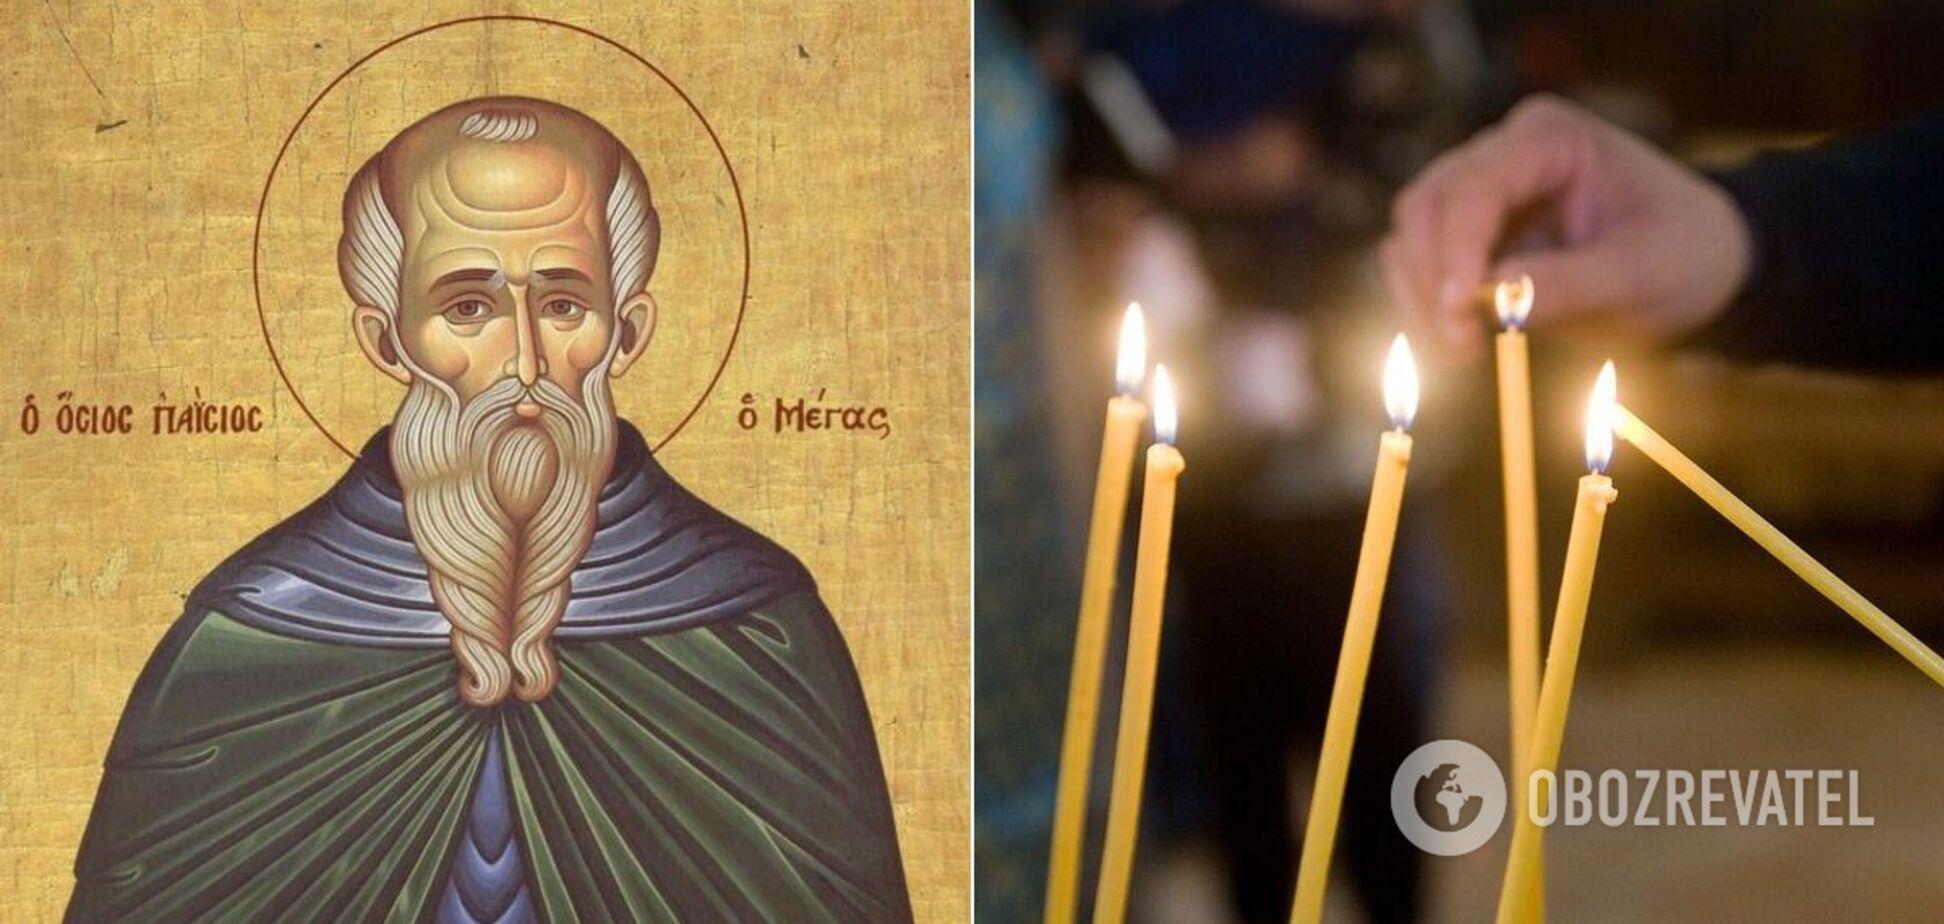 Павел Египетский считается первым монахом-аскетом в христианстве